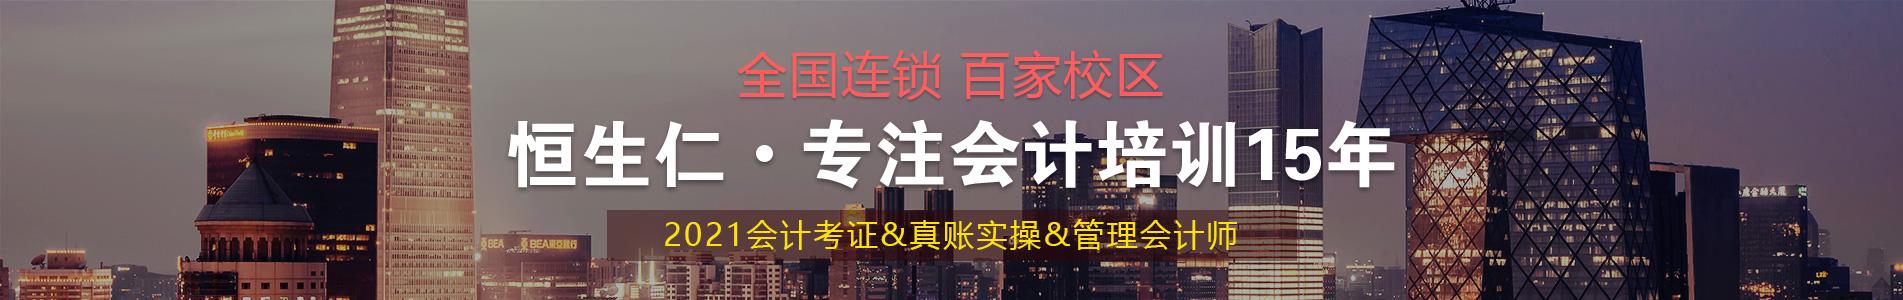 郑州恒生仁会计培训学校